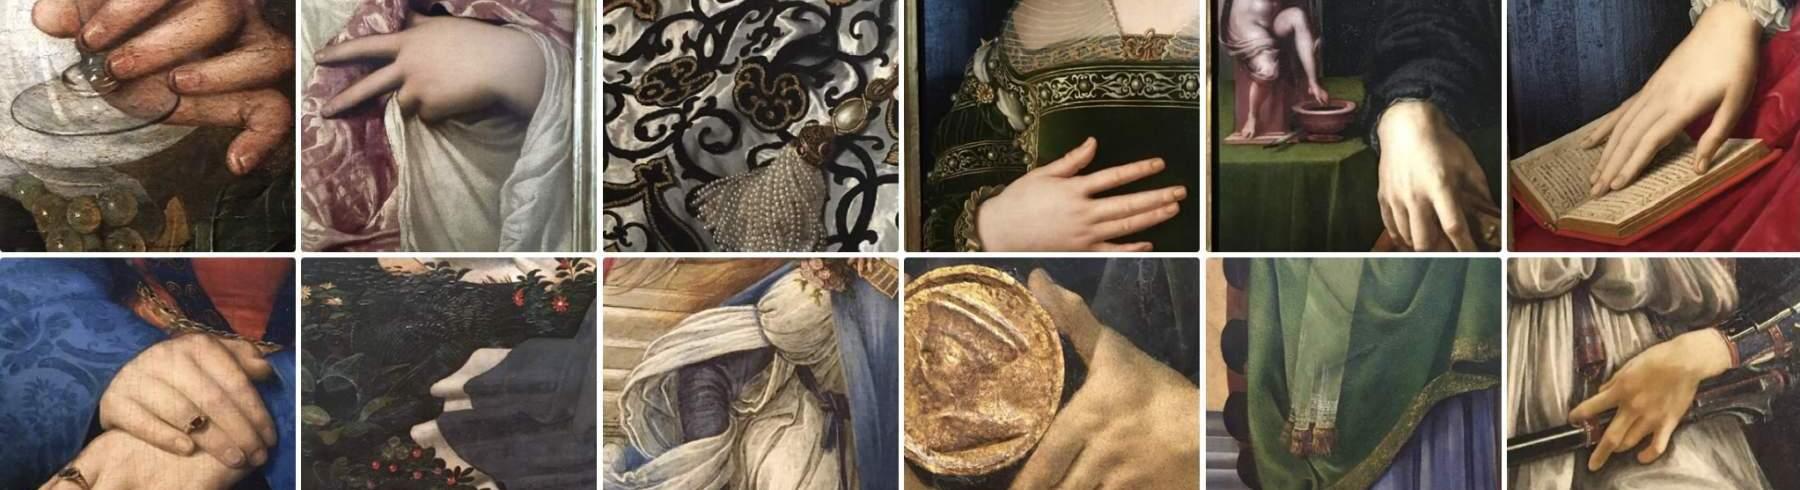 Galleria degli Uffizi dettagli capolavori